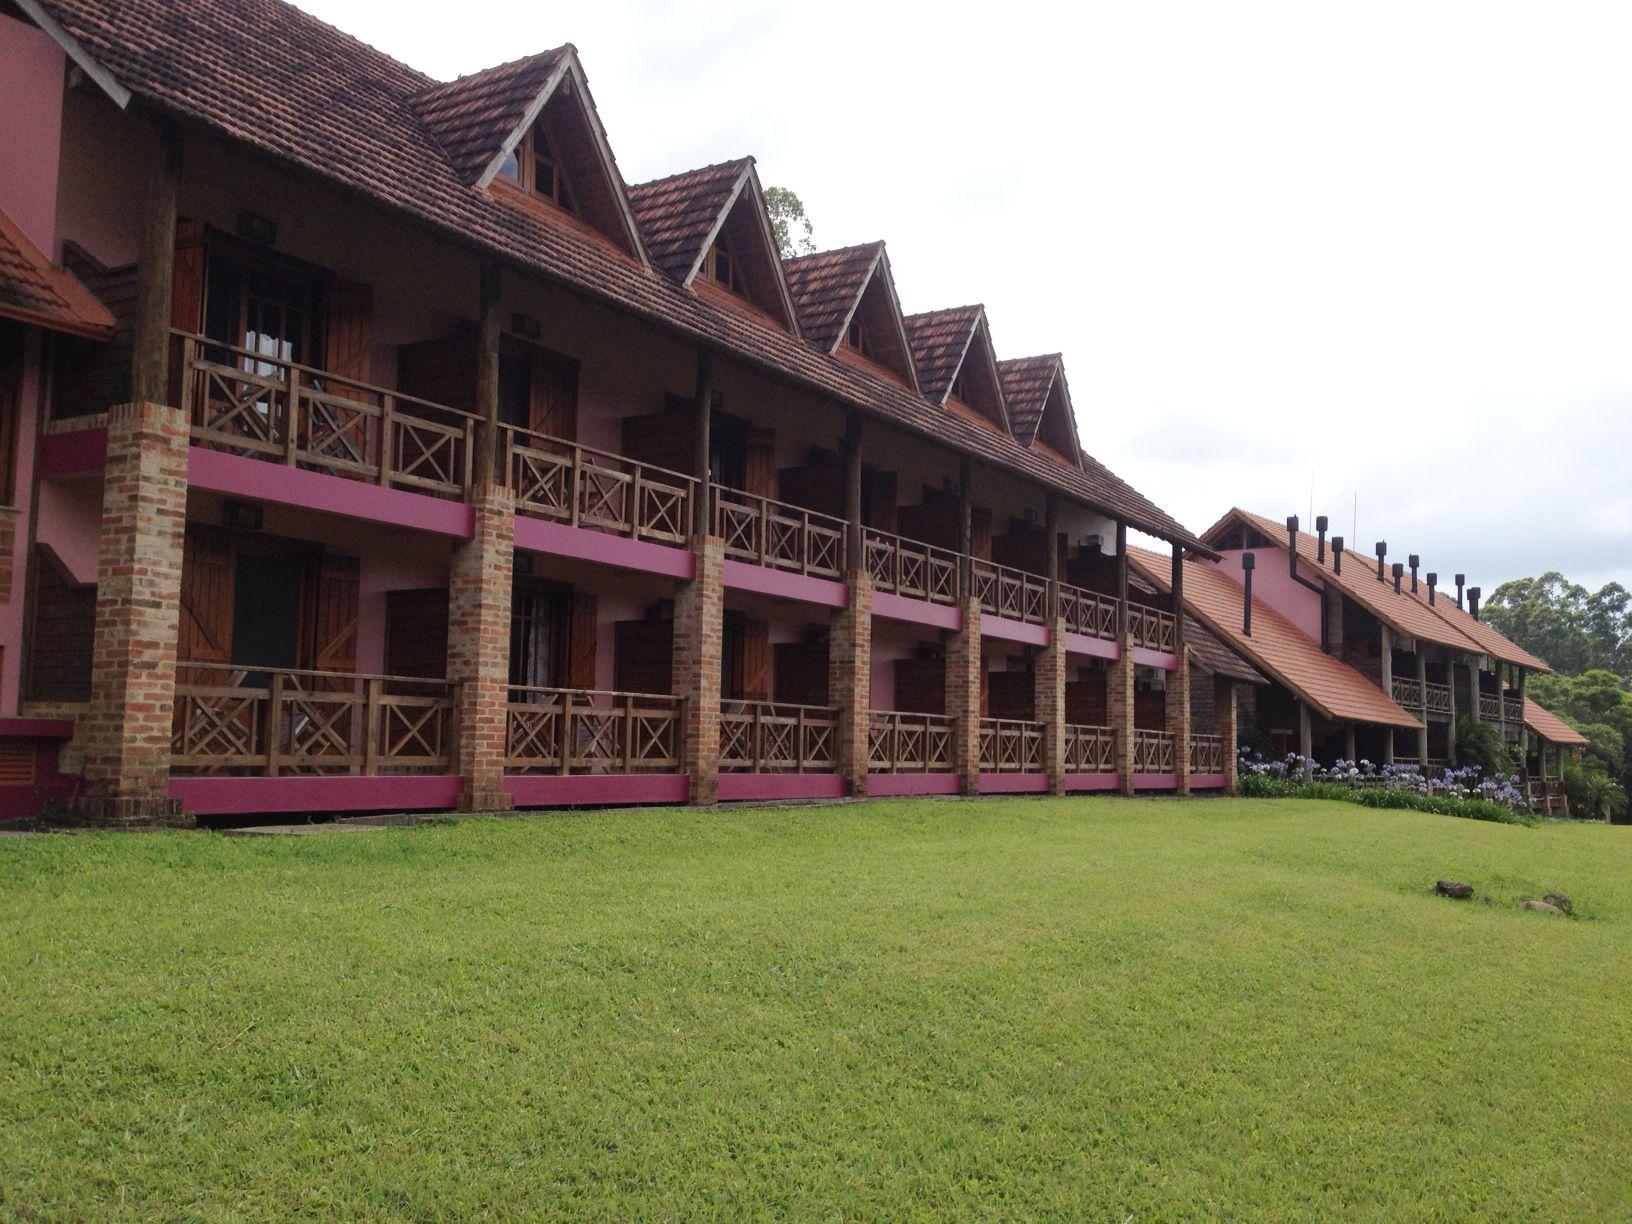 Ecoland - Igrejinha - RS - Brasil. Um hotel ecológico maravilhoso! A wonderfull ecologic hotel!